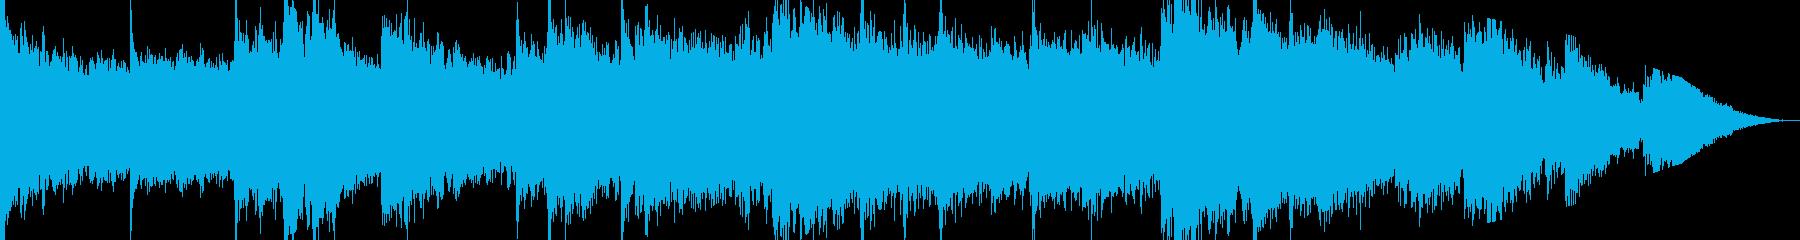 宇宙を背景にした神秘的なサウンドの再生済みの波形